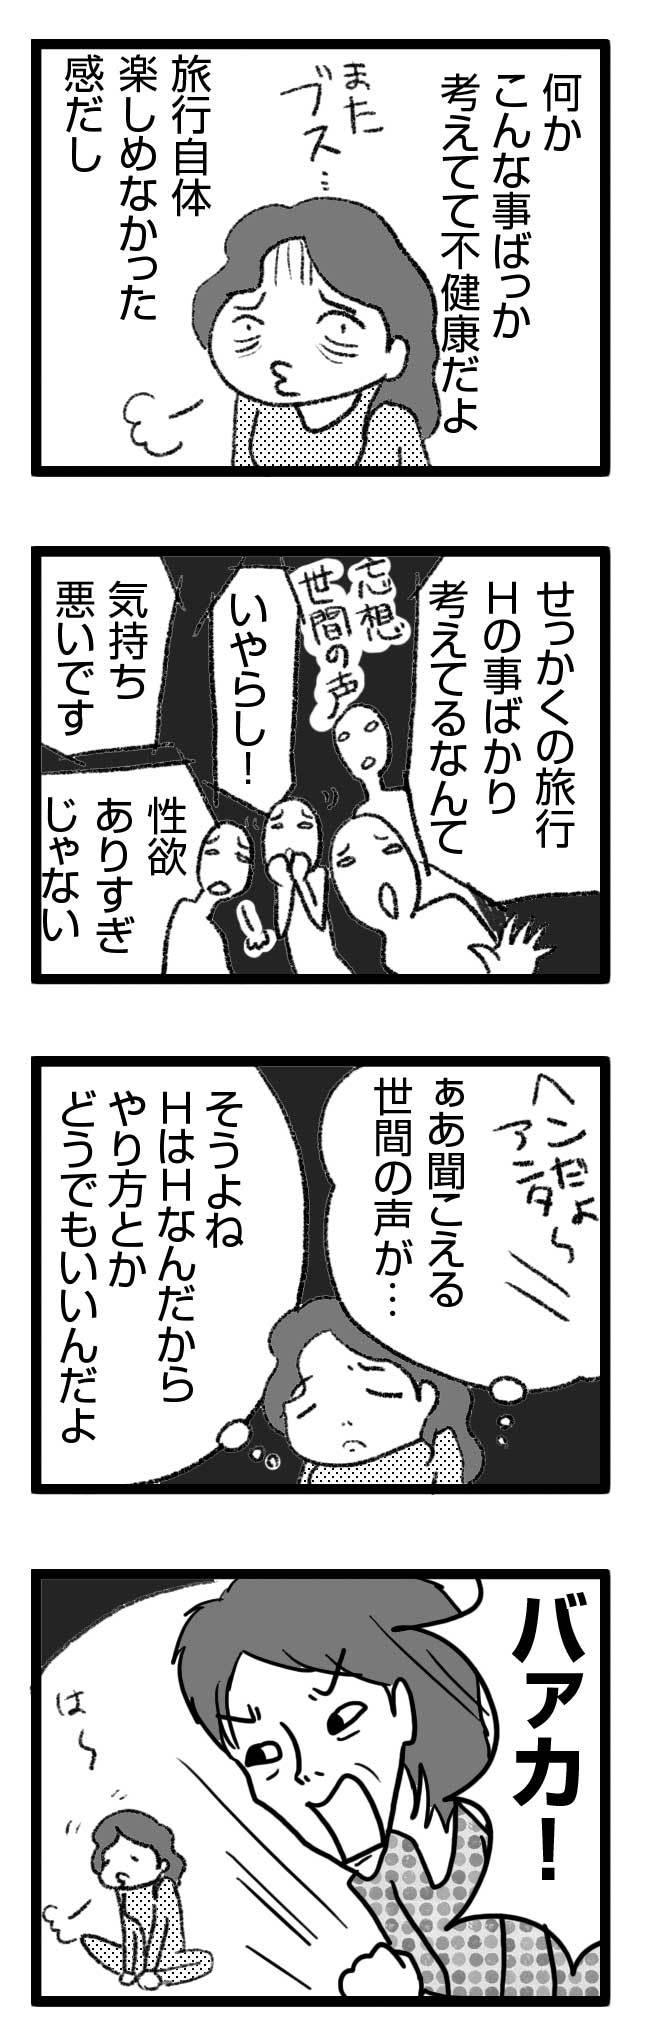 現在の私より2 結婚 婚活 漫画 マンガ まんが レス セックスレス プロポーズ